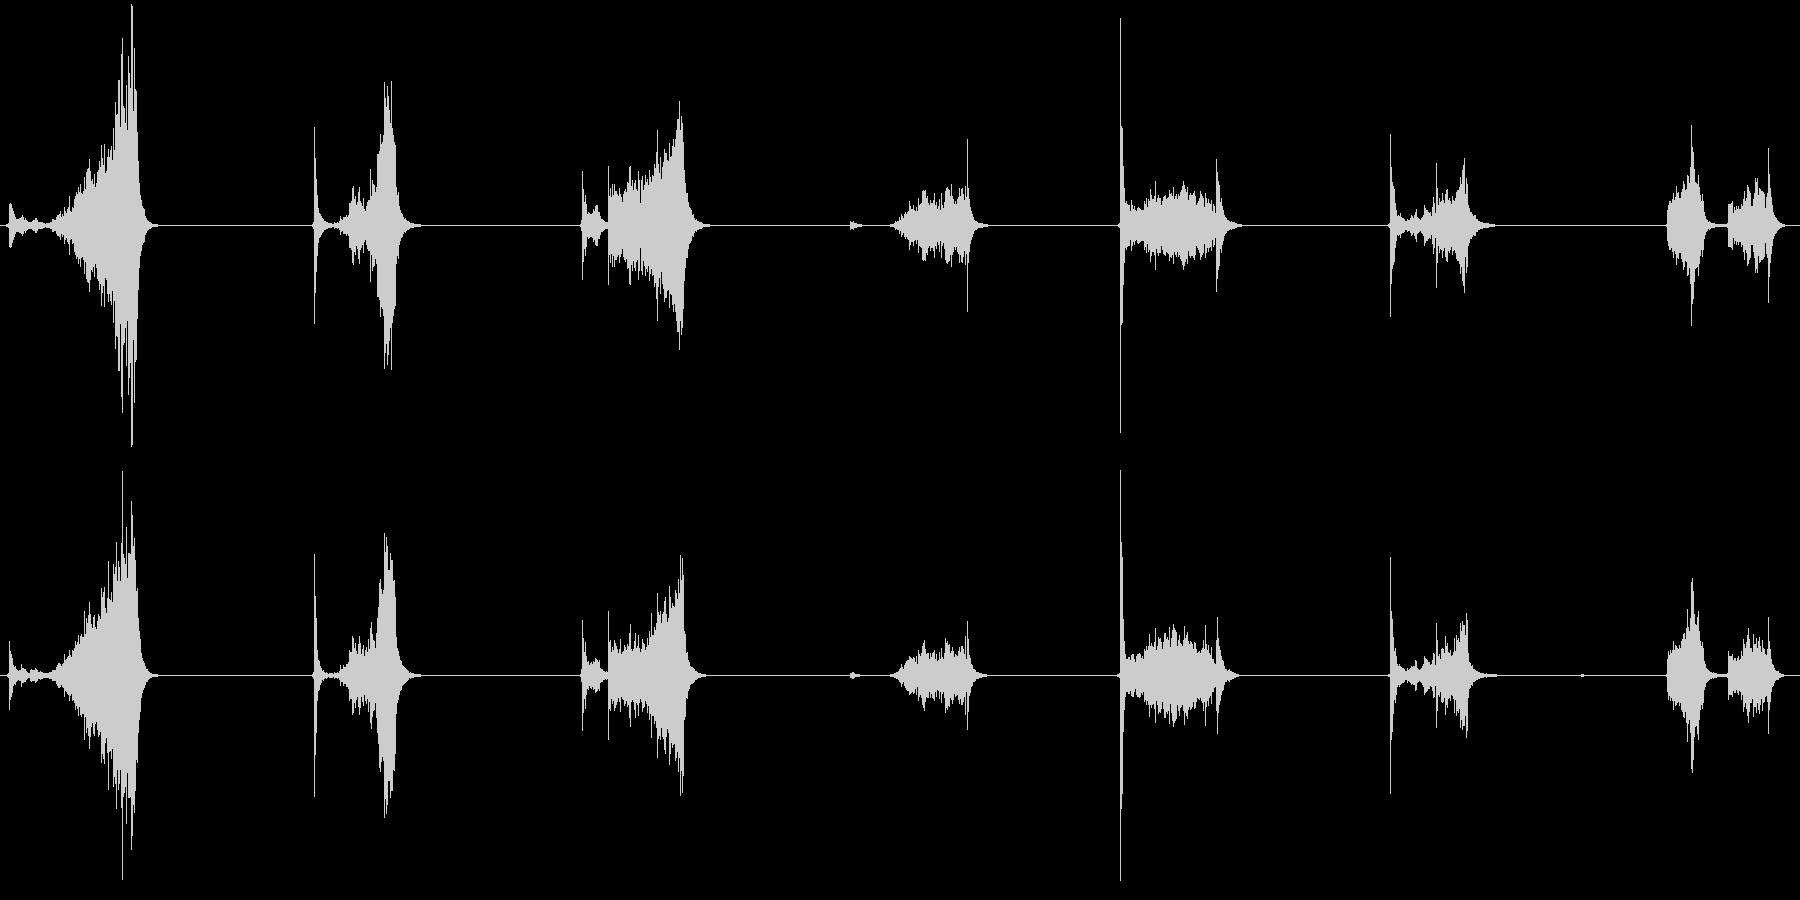 ASMR ナイフを擦る音の未再生の波形